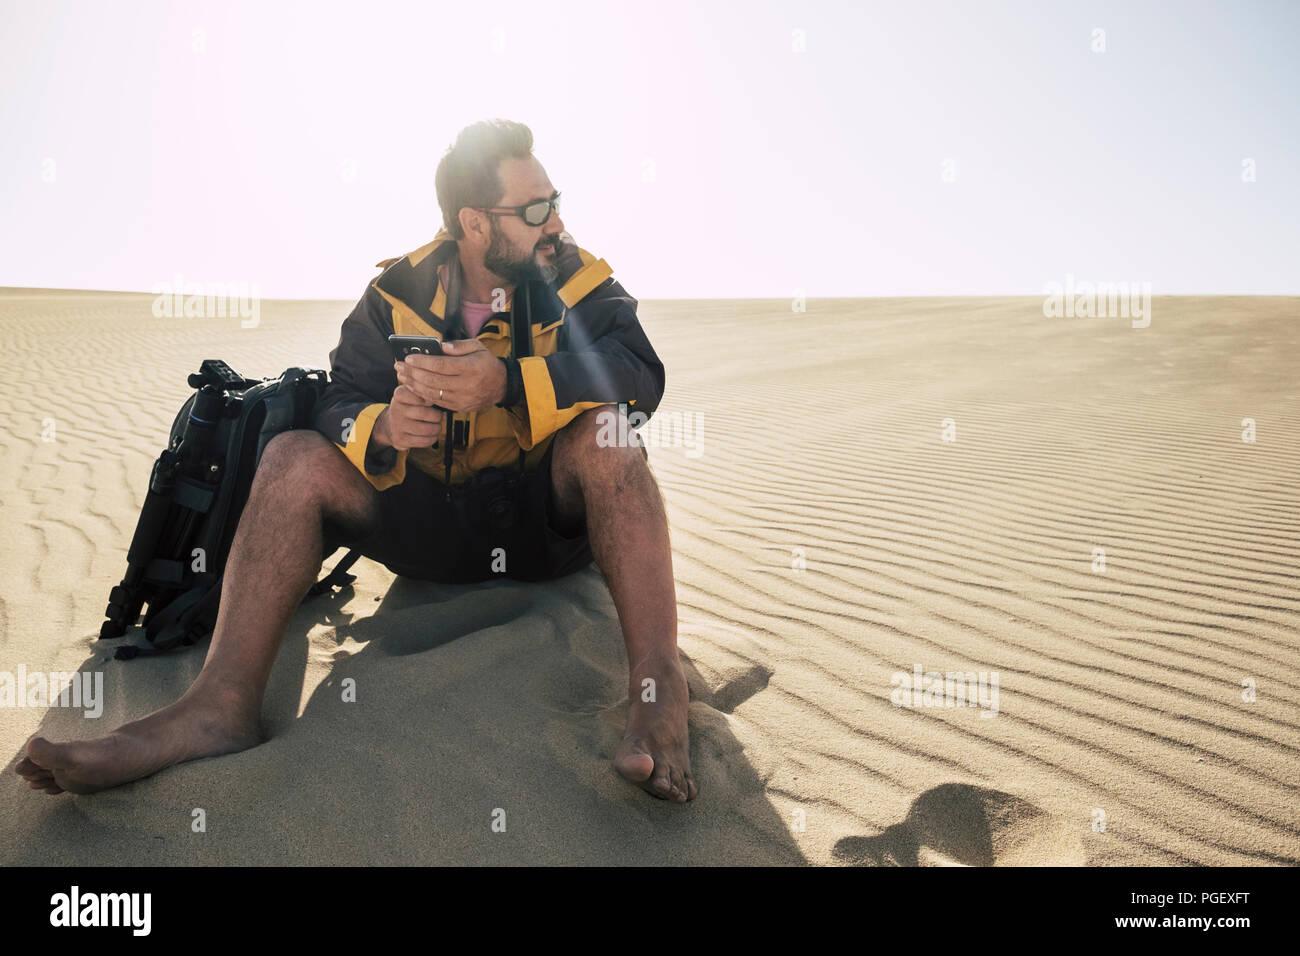 Lonely kaukasischen mittleren Alter Mann reisen Barfuß im desrt mit Rucksack und Telefon und Stativ Bilder zu machen. alternative Reisen Urlaub Begriff Stockbild